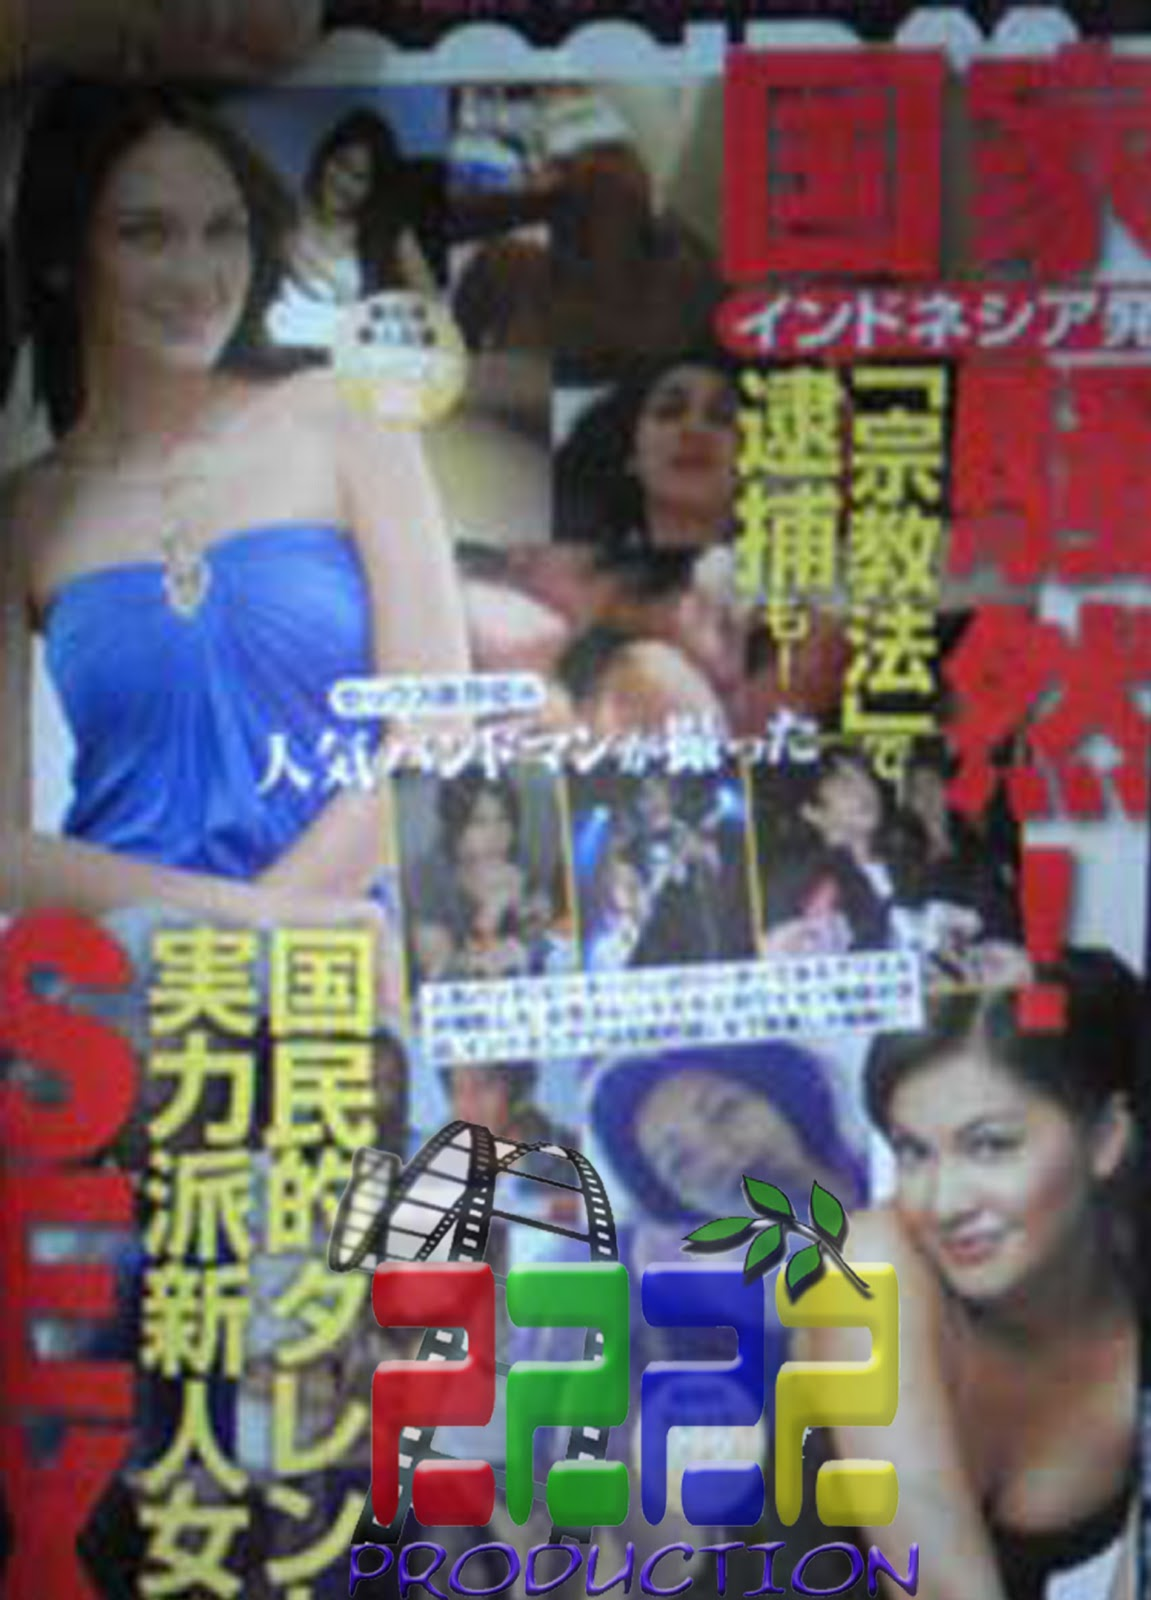 http://1.bp.blogspot.com/_eGUcGurr30U/TQefb0OOfDI/AAAAAAAAAZg/8Gy4mBOVj1g/s1600/cover.jpg